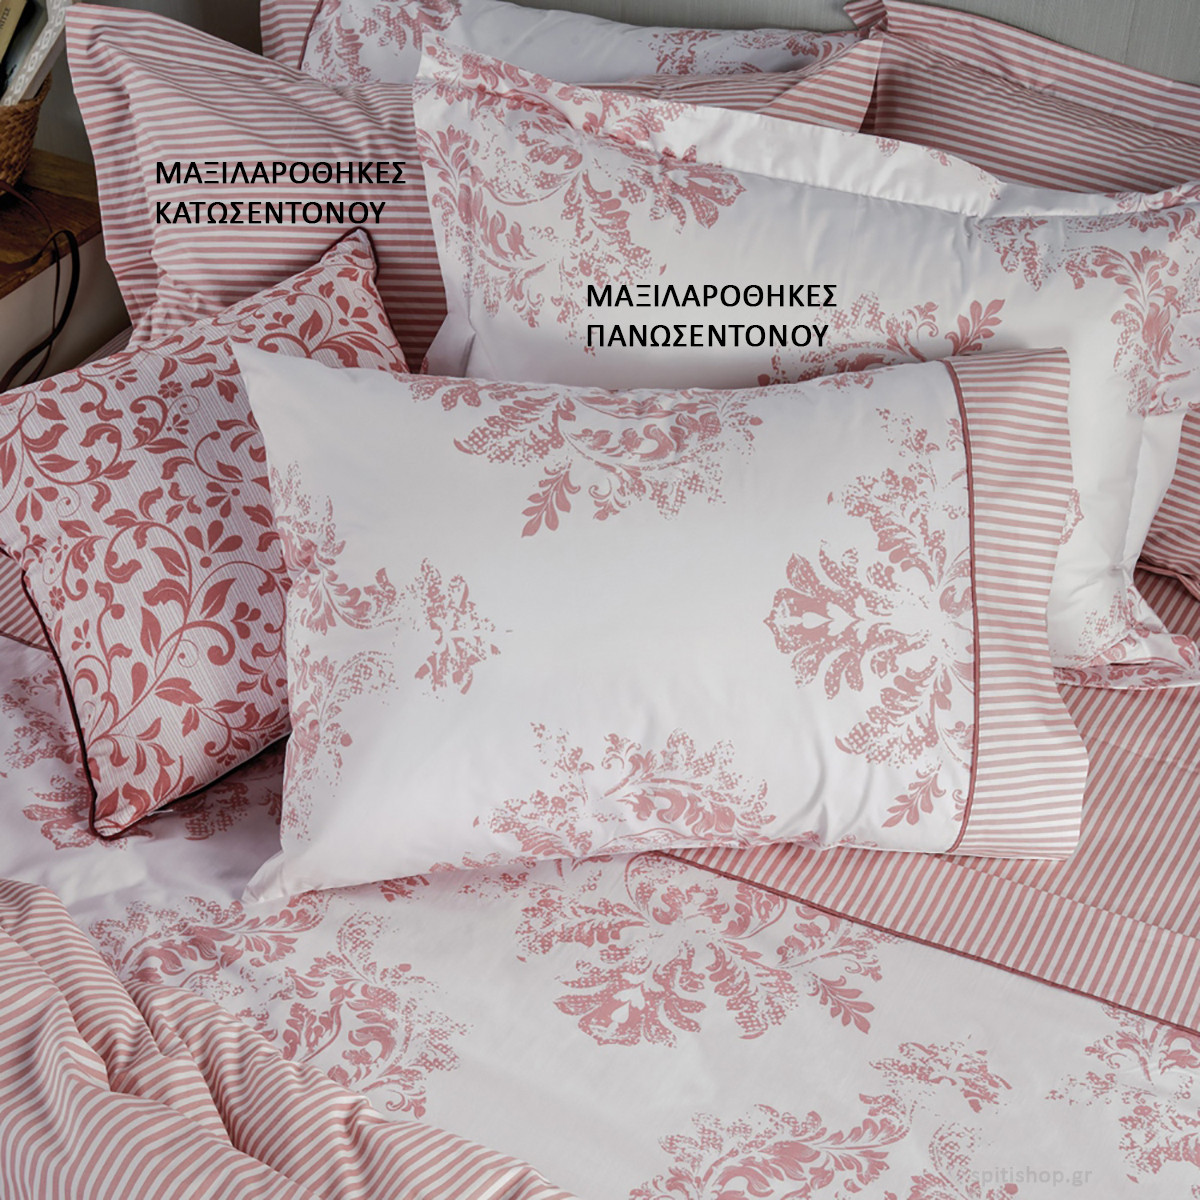 Ζεύγος Μαξιλαροθήκες Kentia Stylish Epoca 18 home   κρεβατοκάμαρα   μαξιλάρια   μαξιλαροθήκες